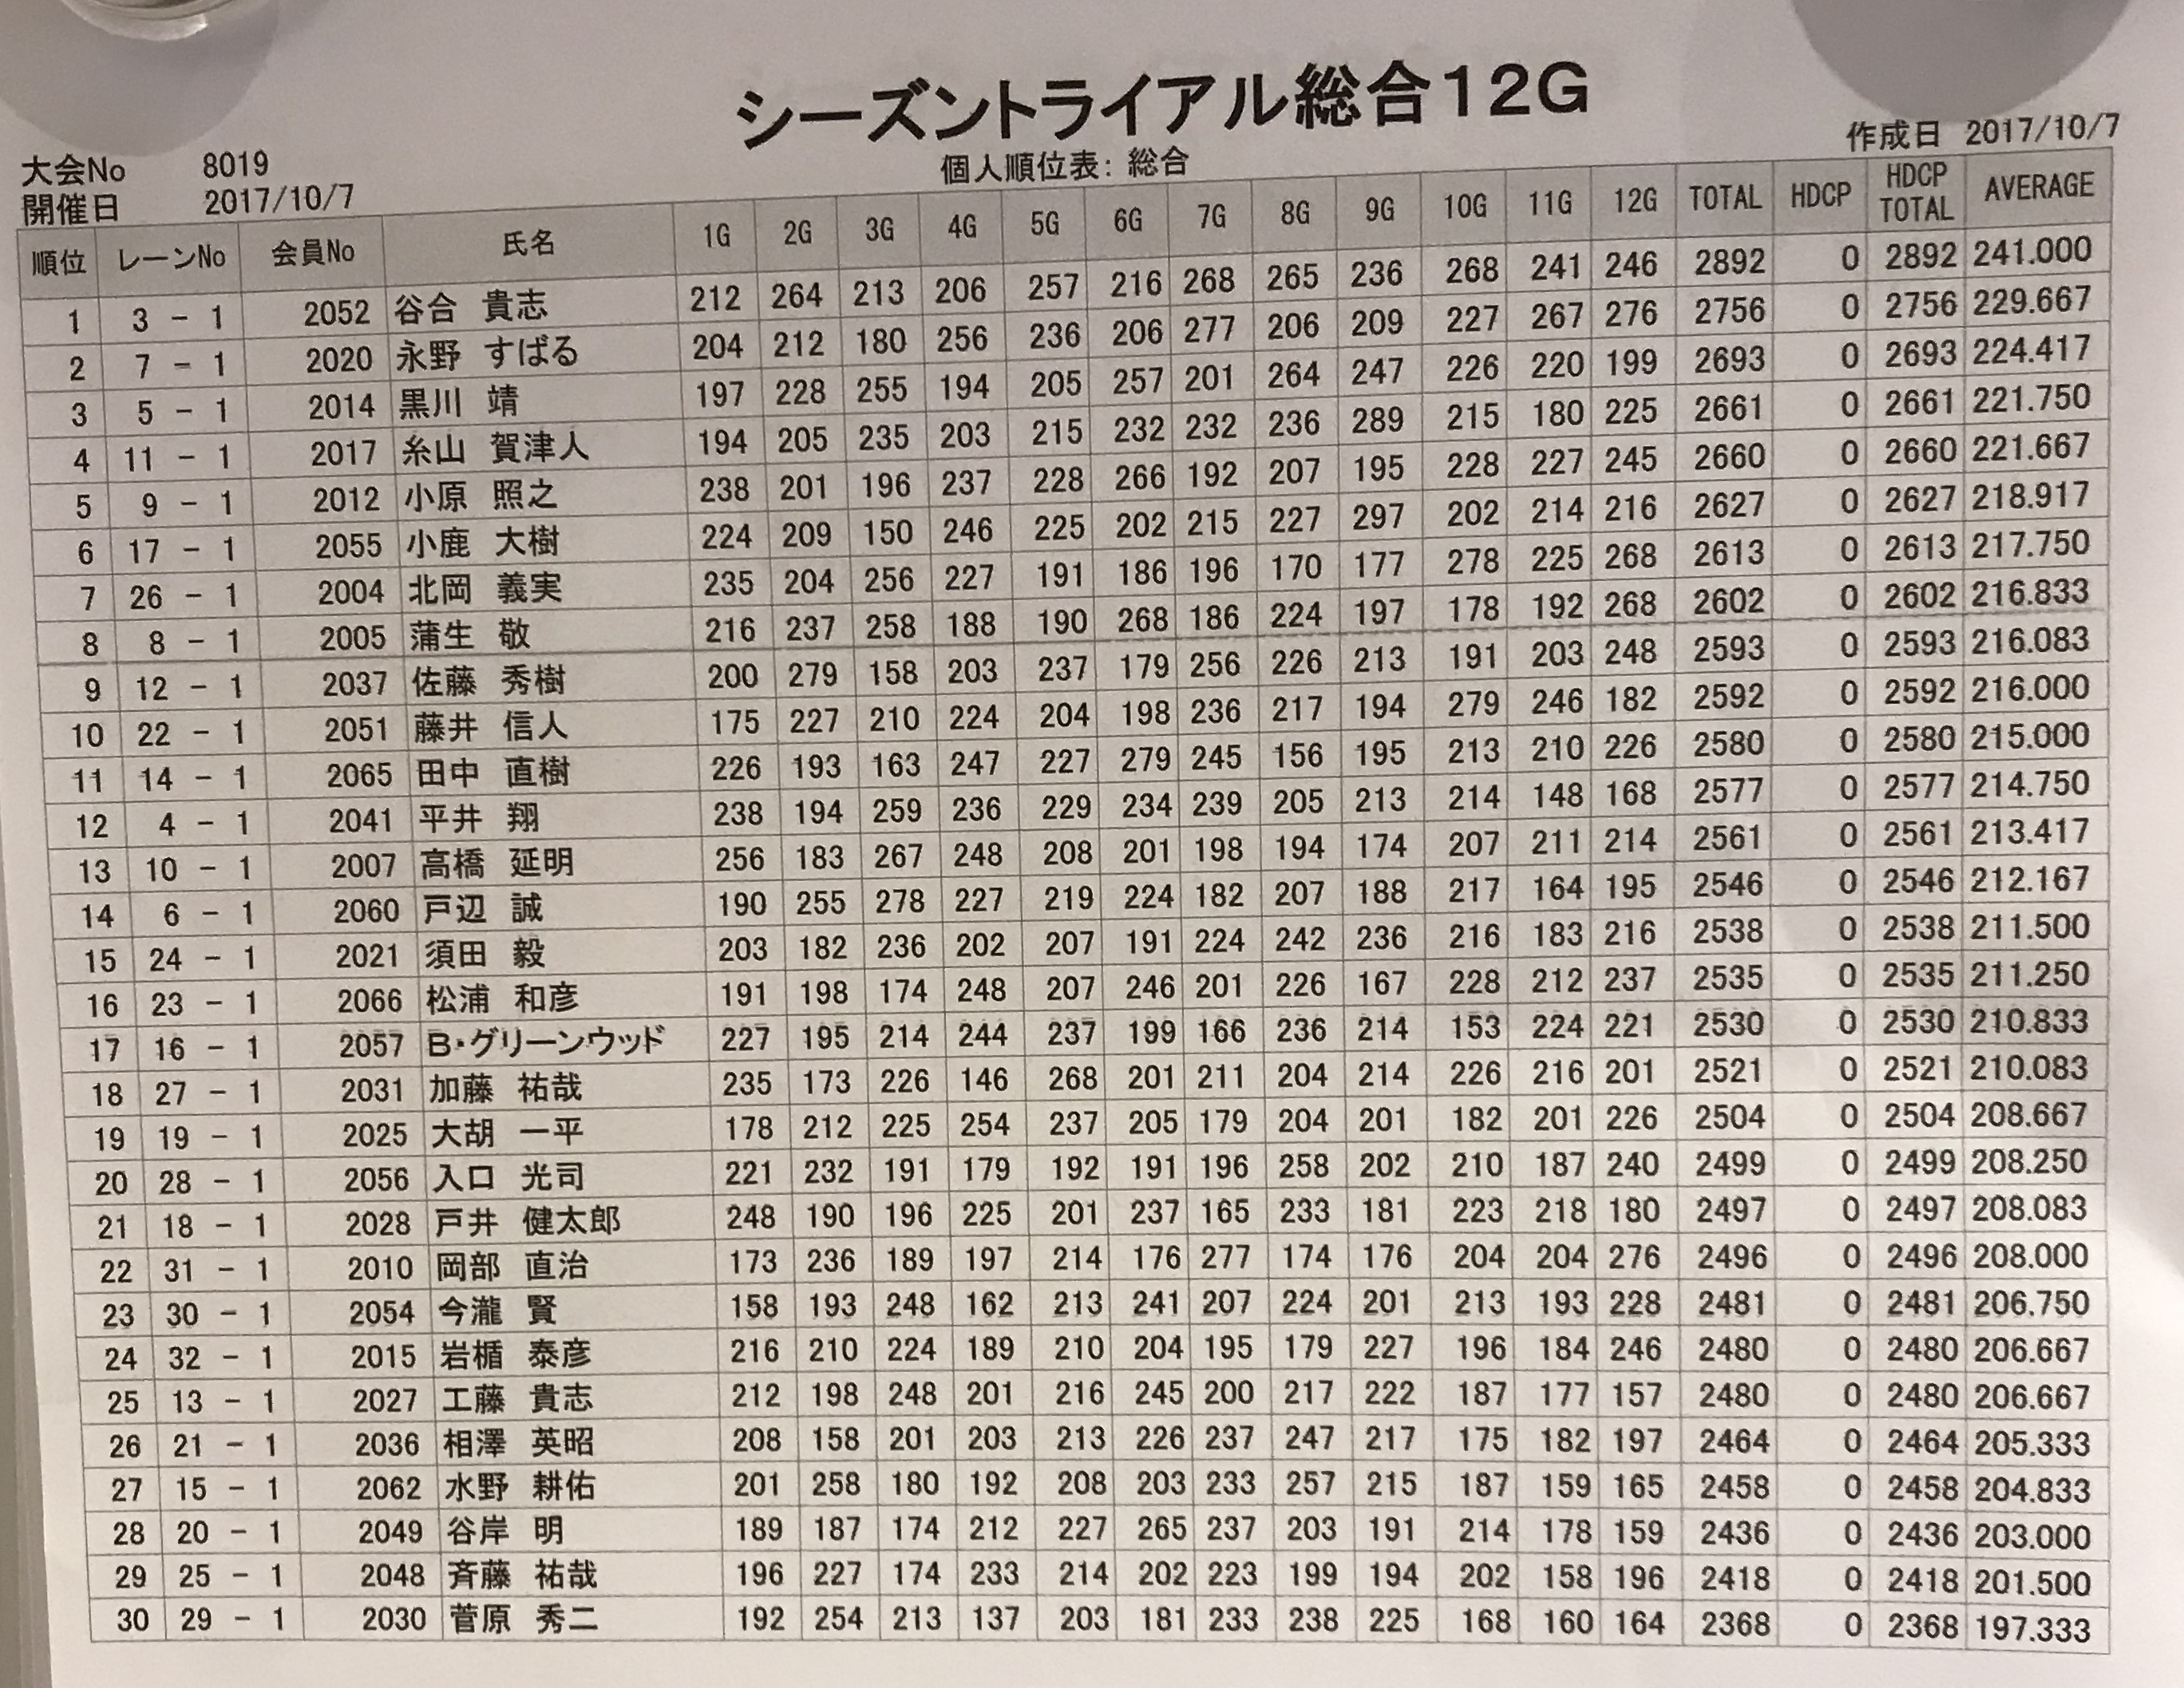 BC23B669-0AD6-4108-B5C7-4899CF3790A3.jpeg